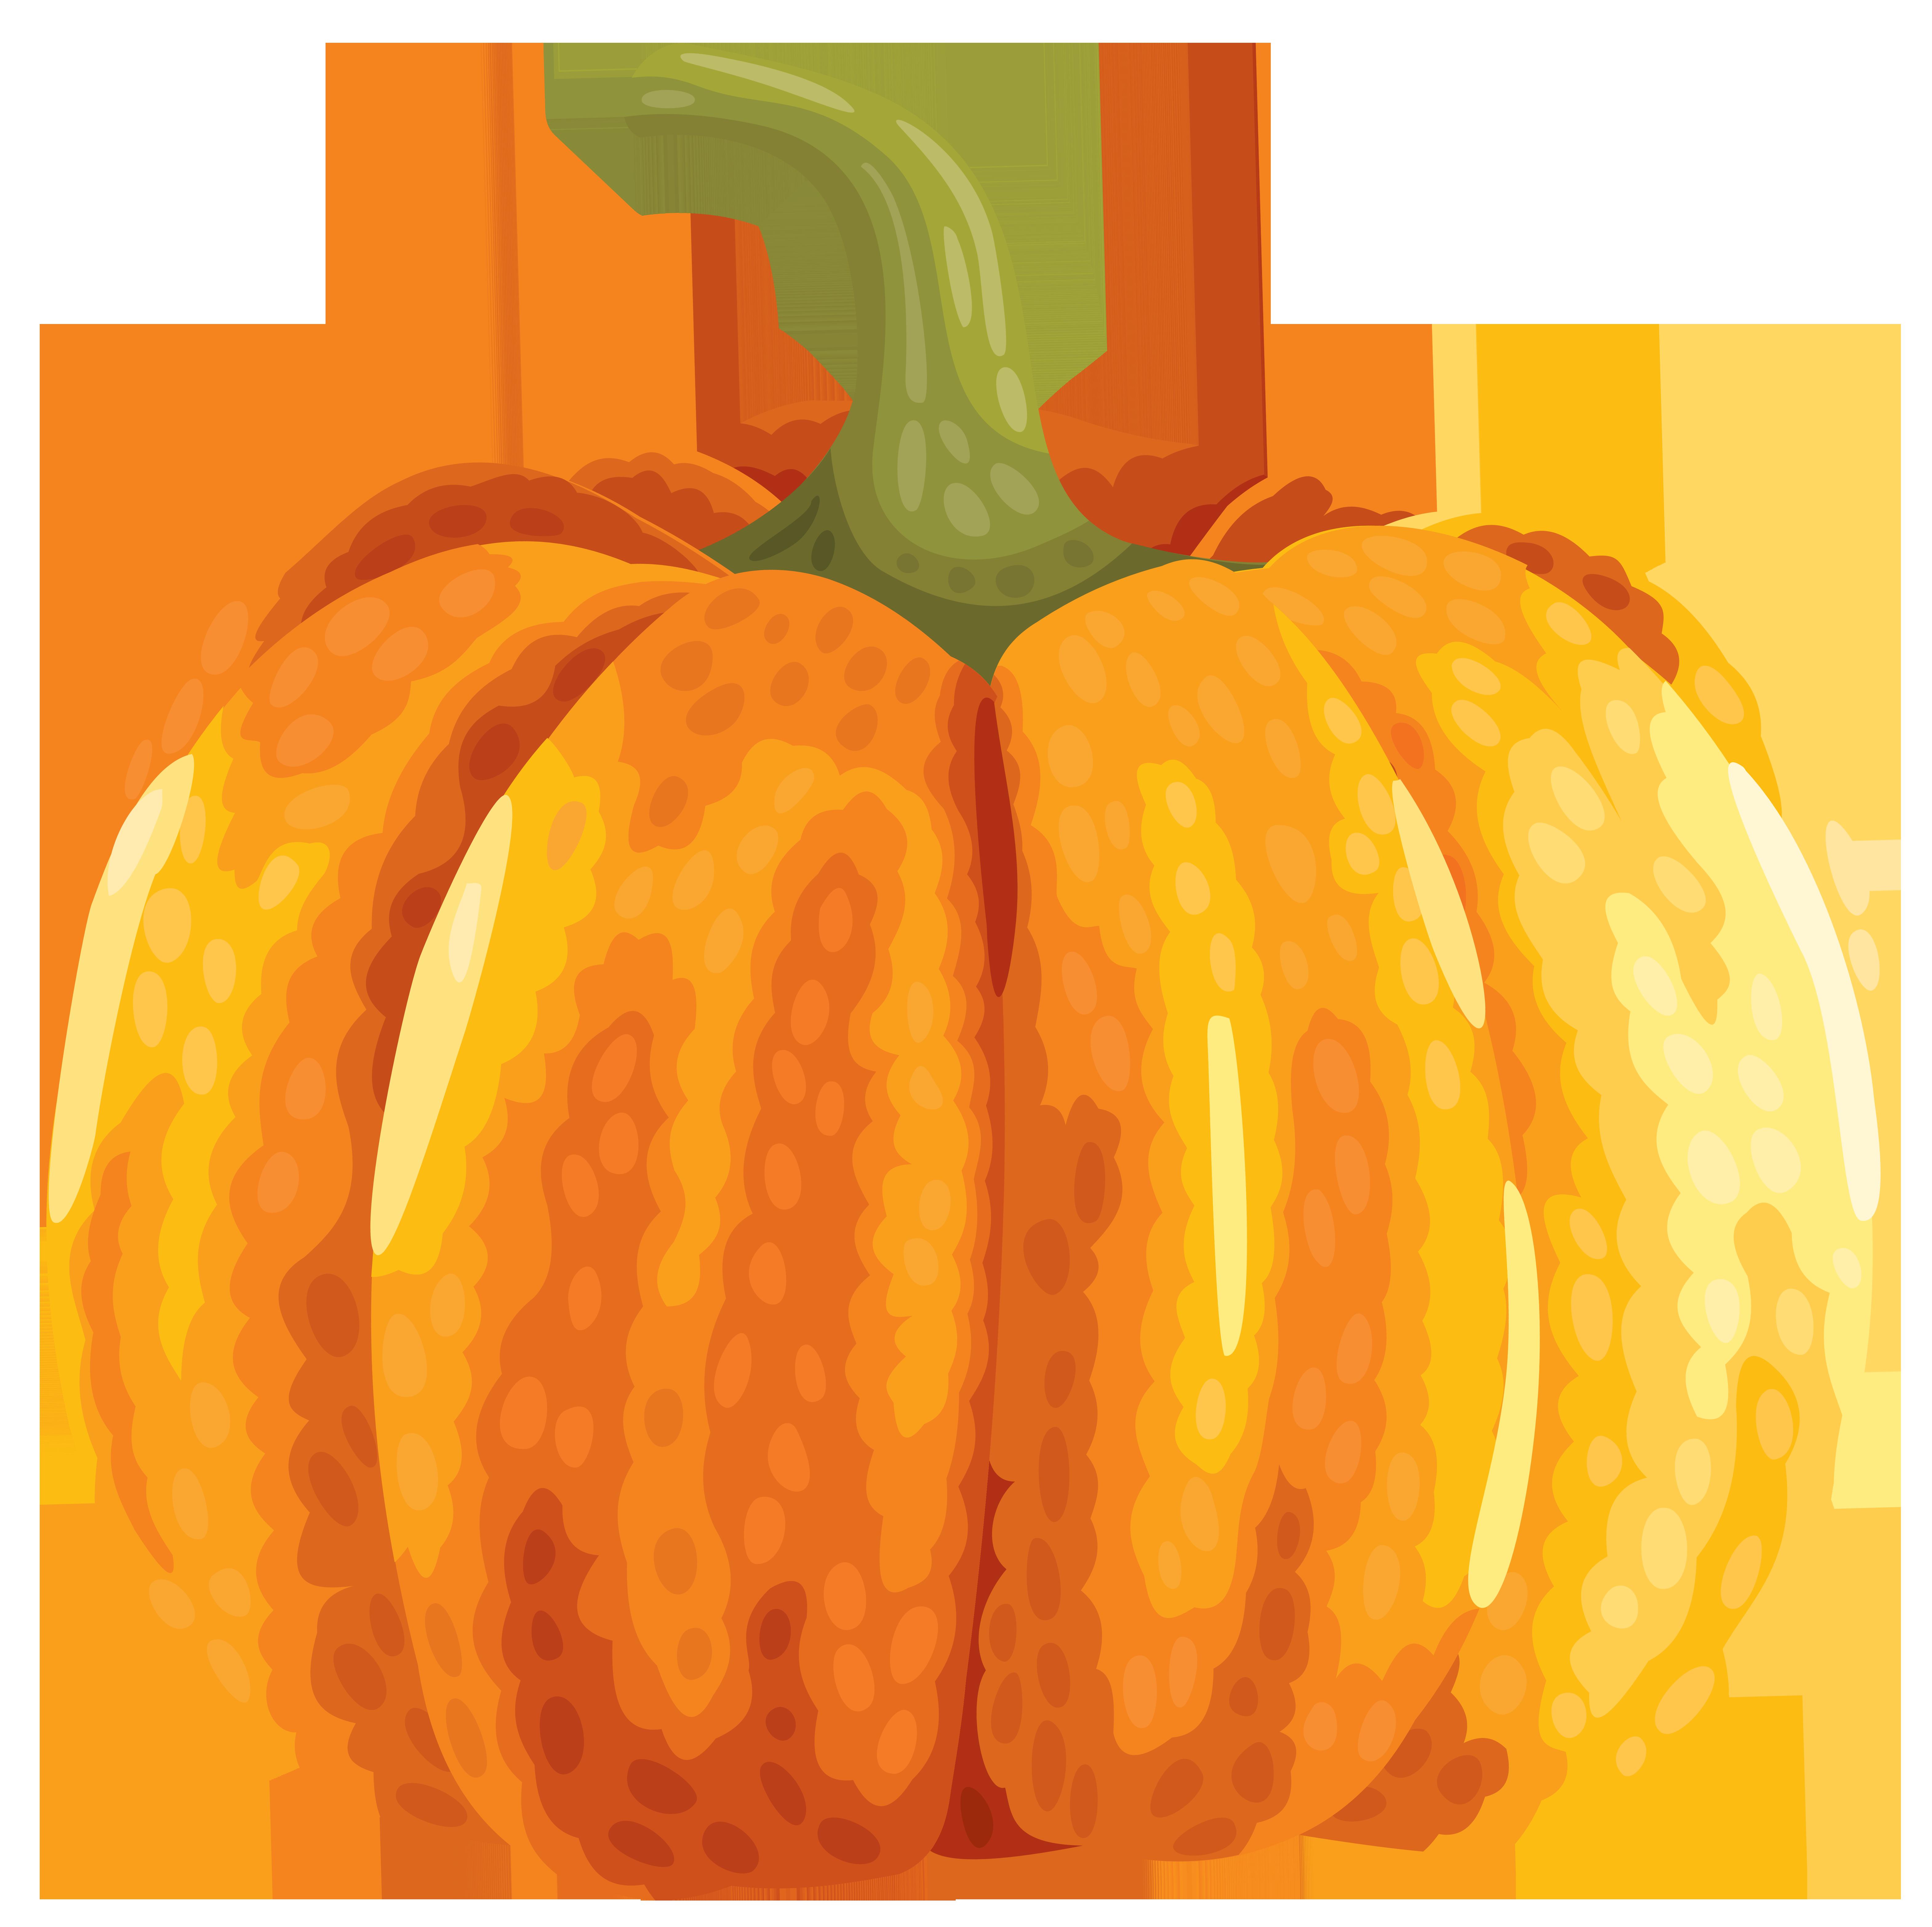 Gourd clipart autumn pumpkin Pumpkin ? Gallery Clipart full